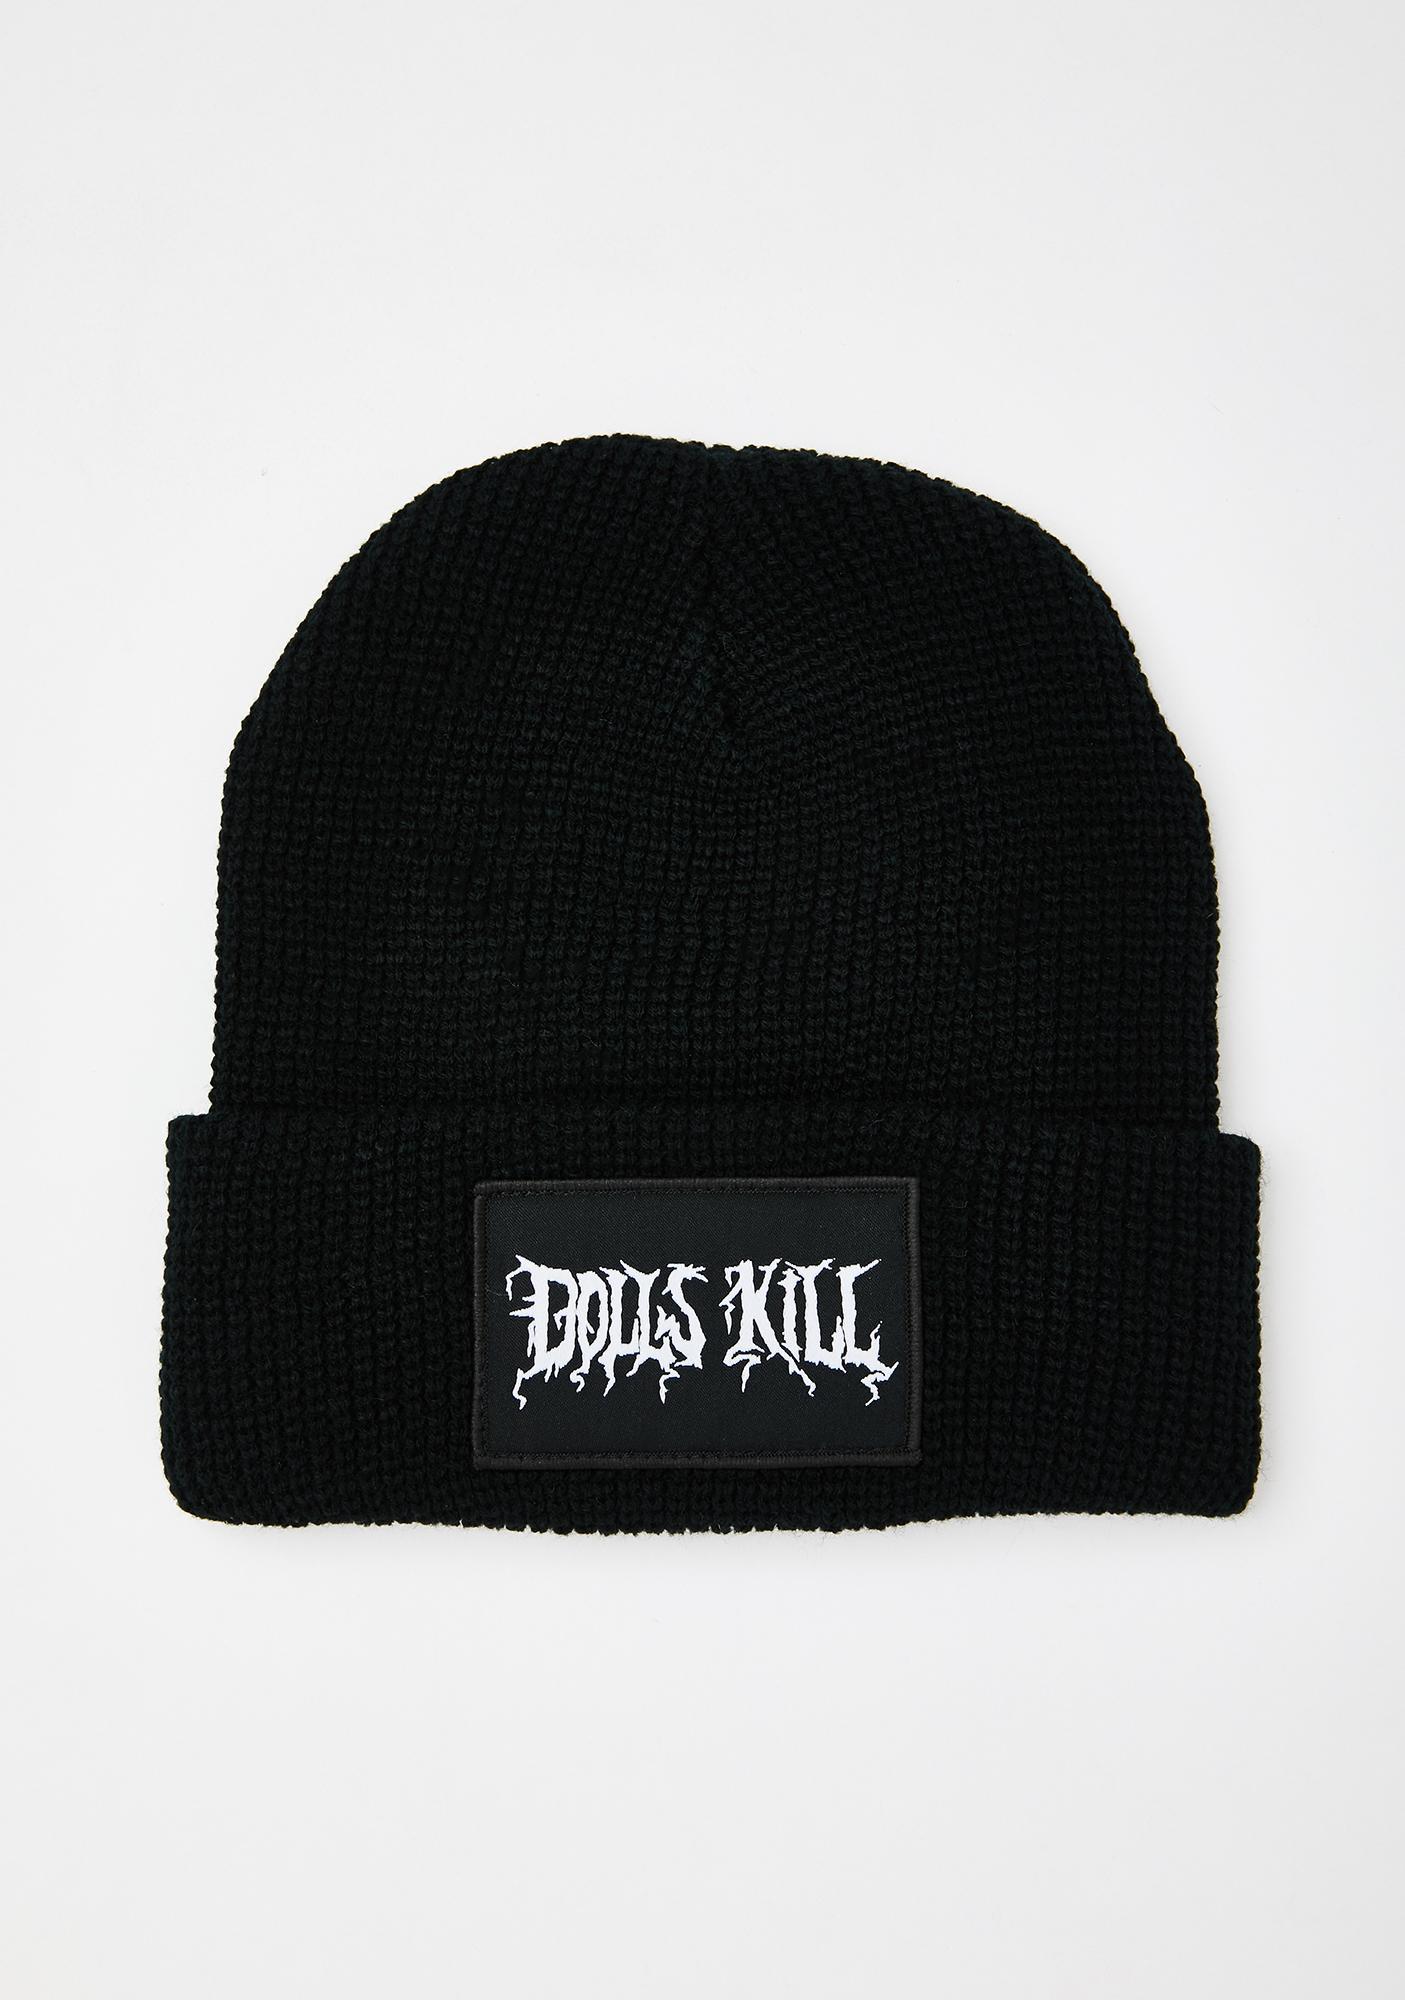 Dolls Kill Dolls Kill 2.0 Beanie